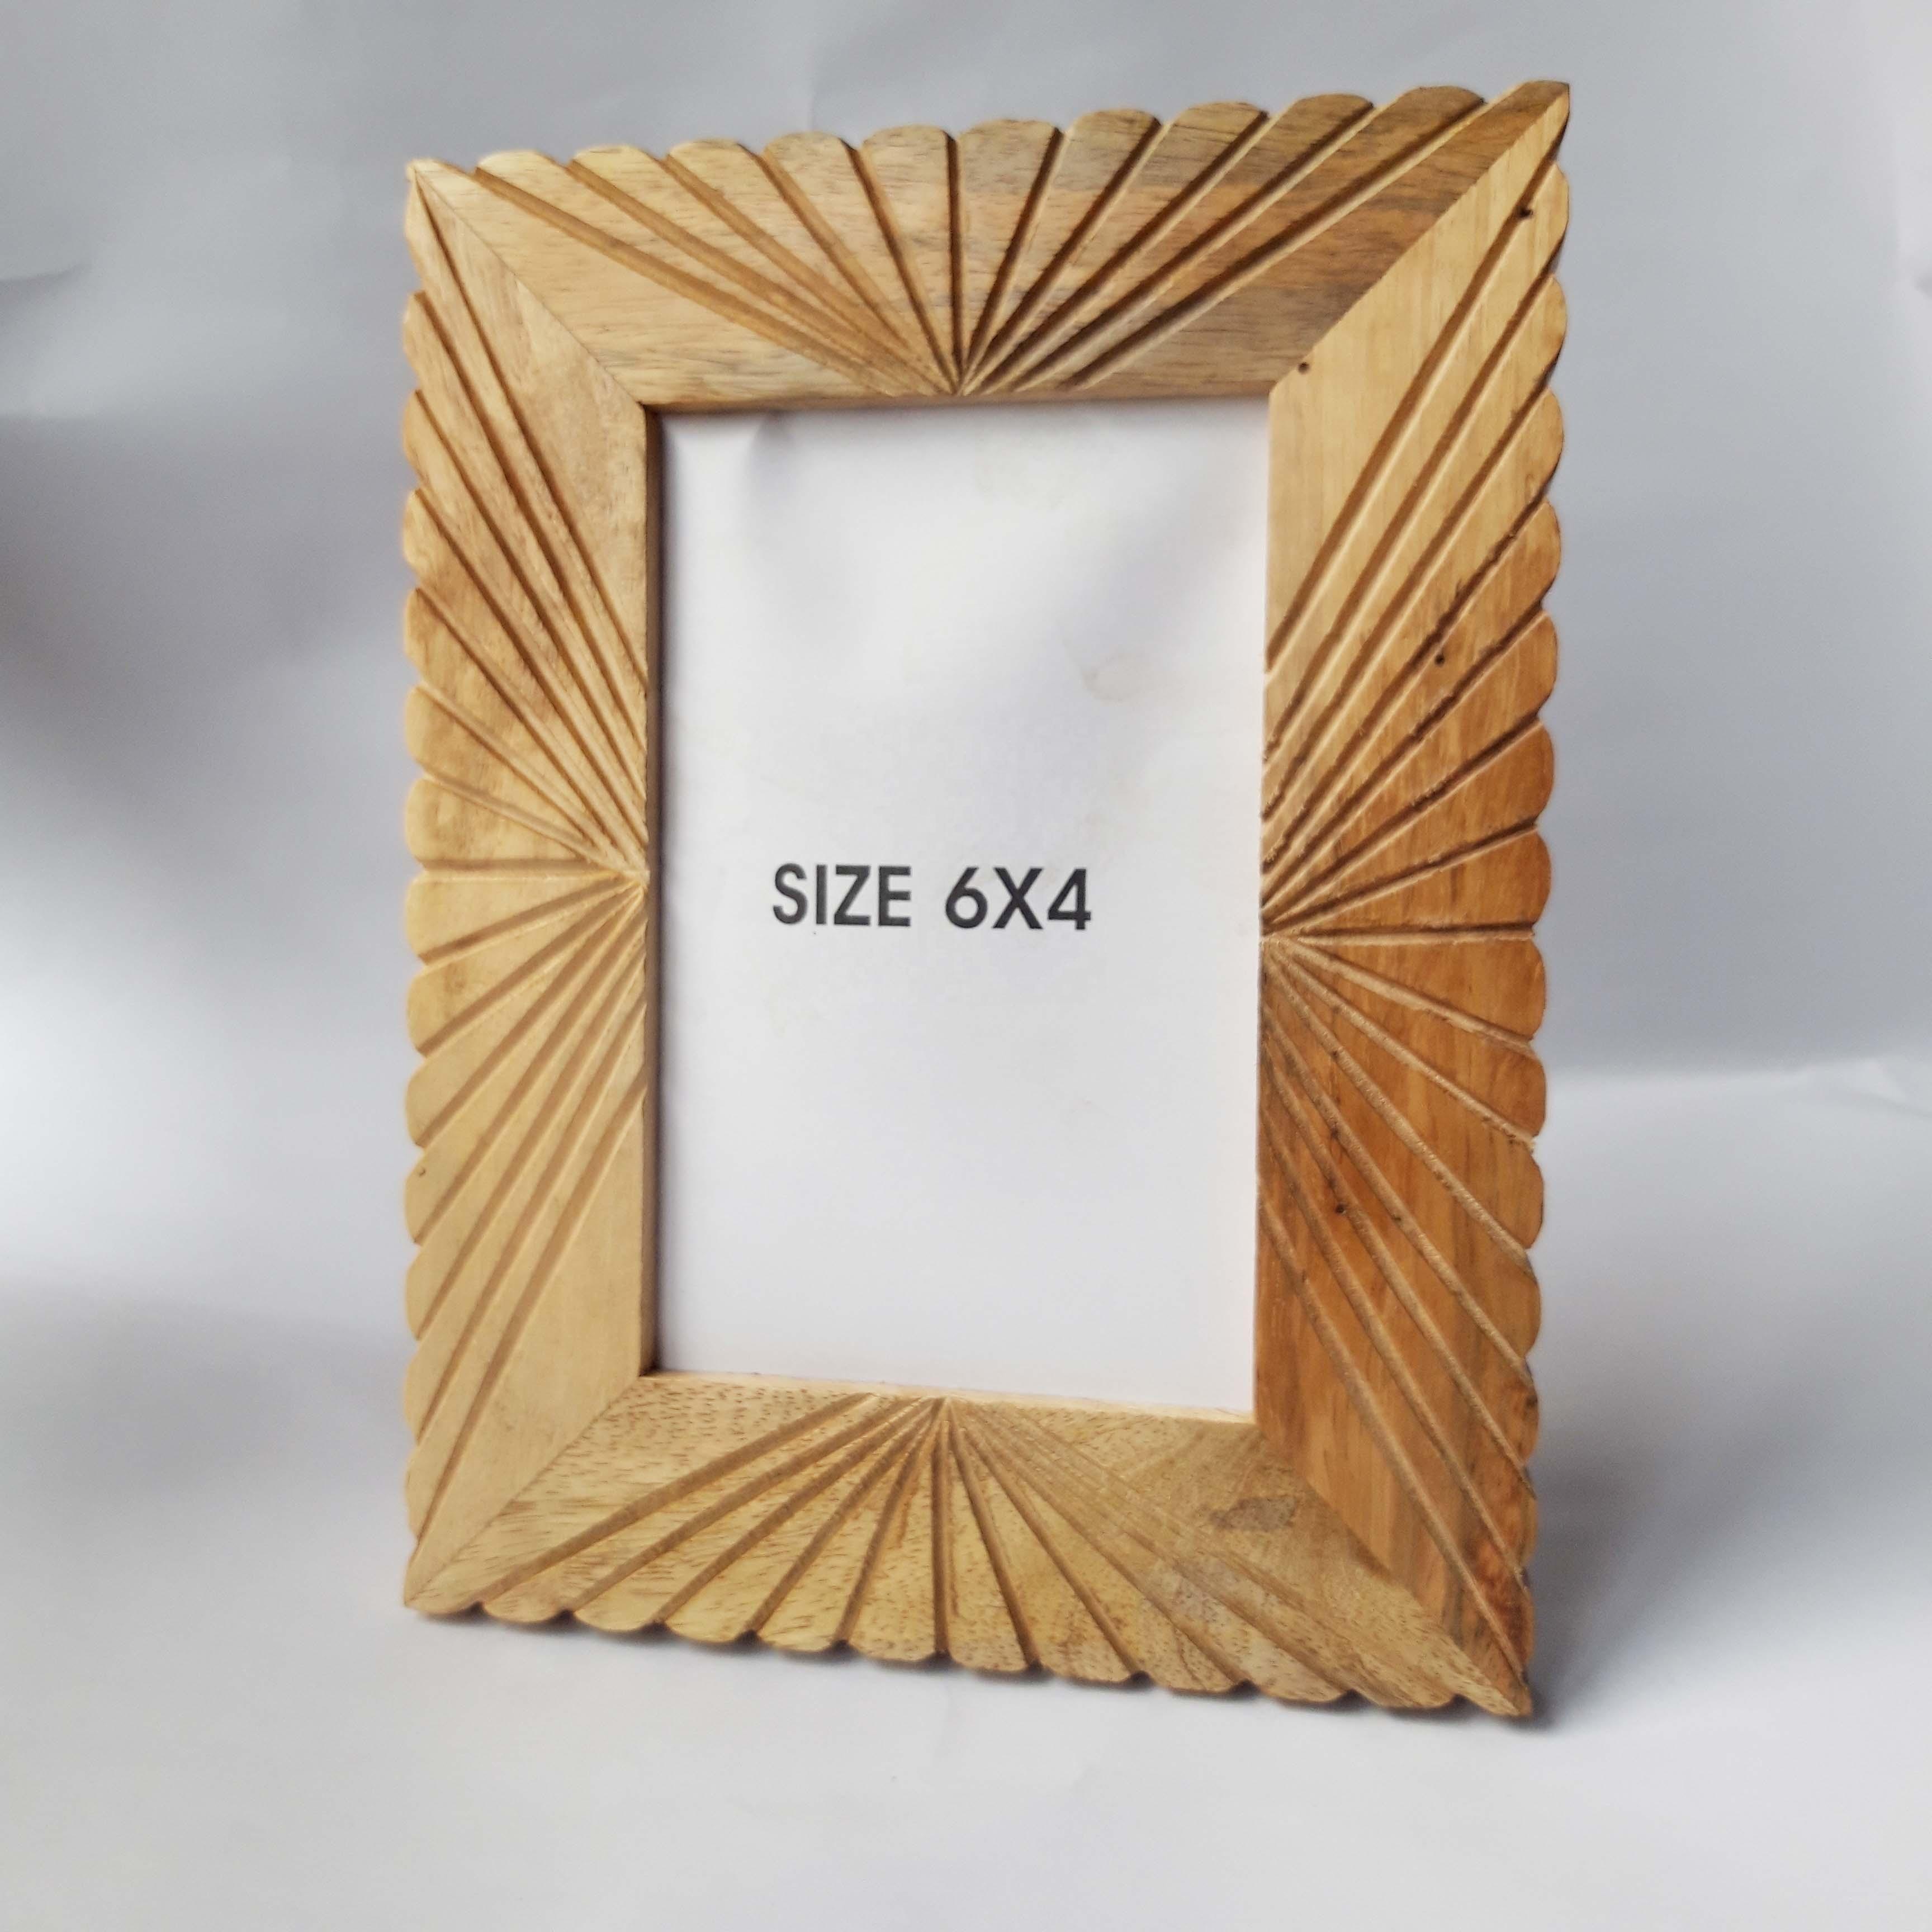 декоративные рамки для фото из дерева далеких времен